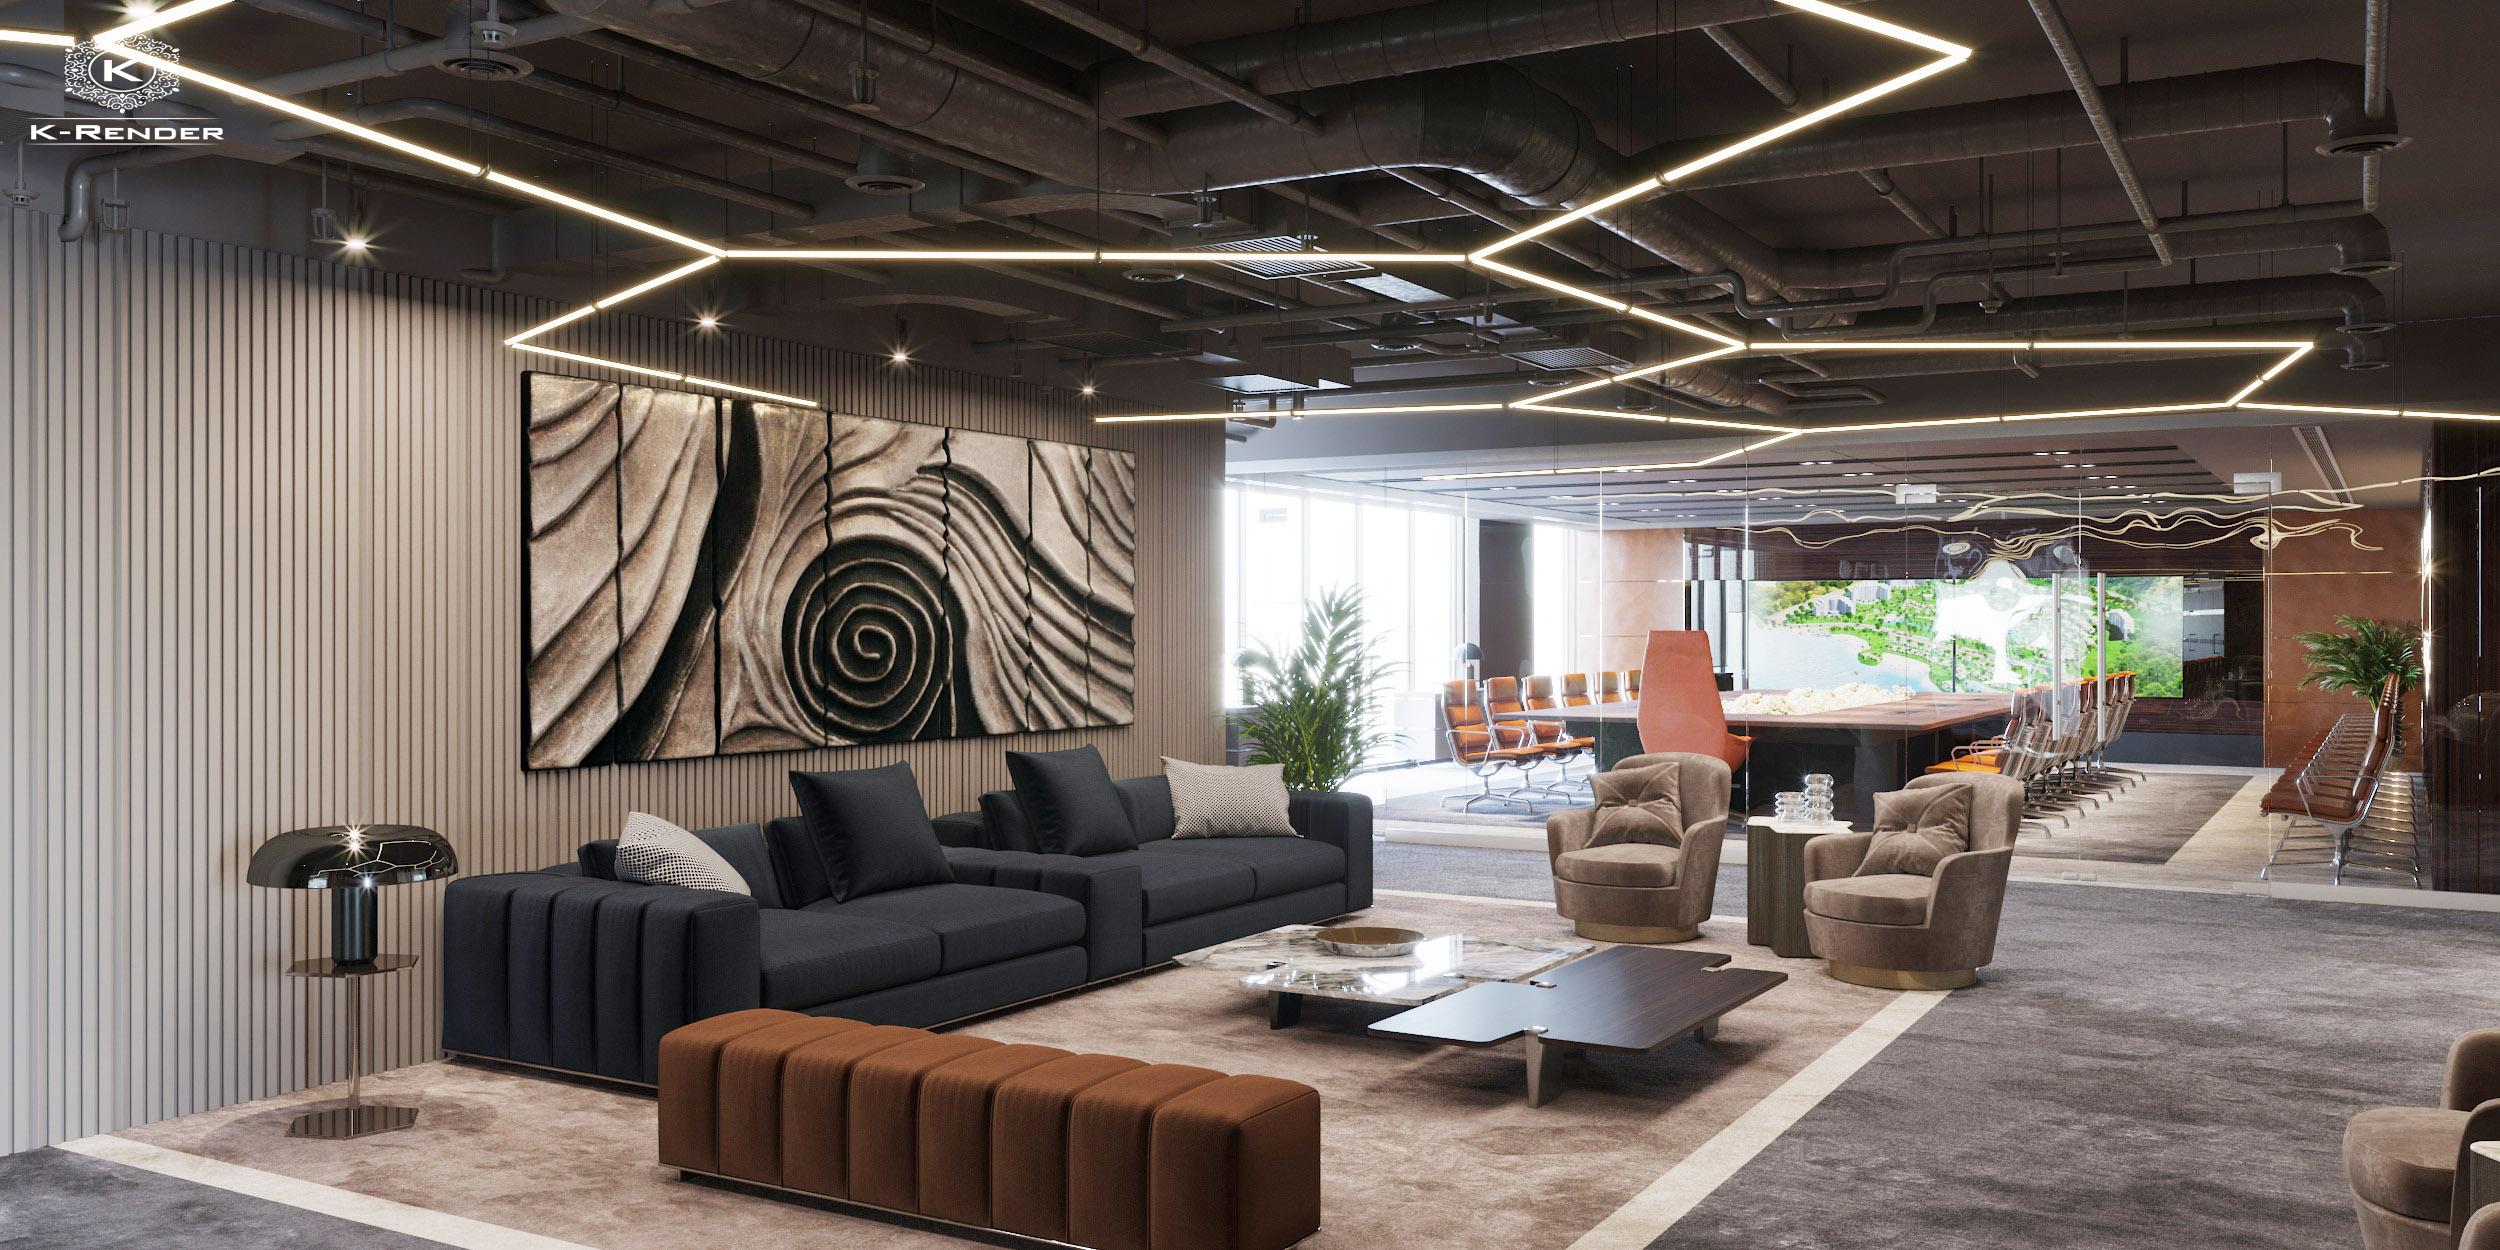 KDI building - A big standard office